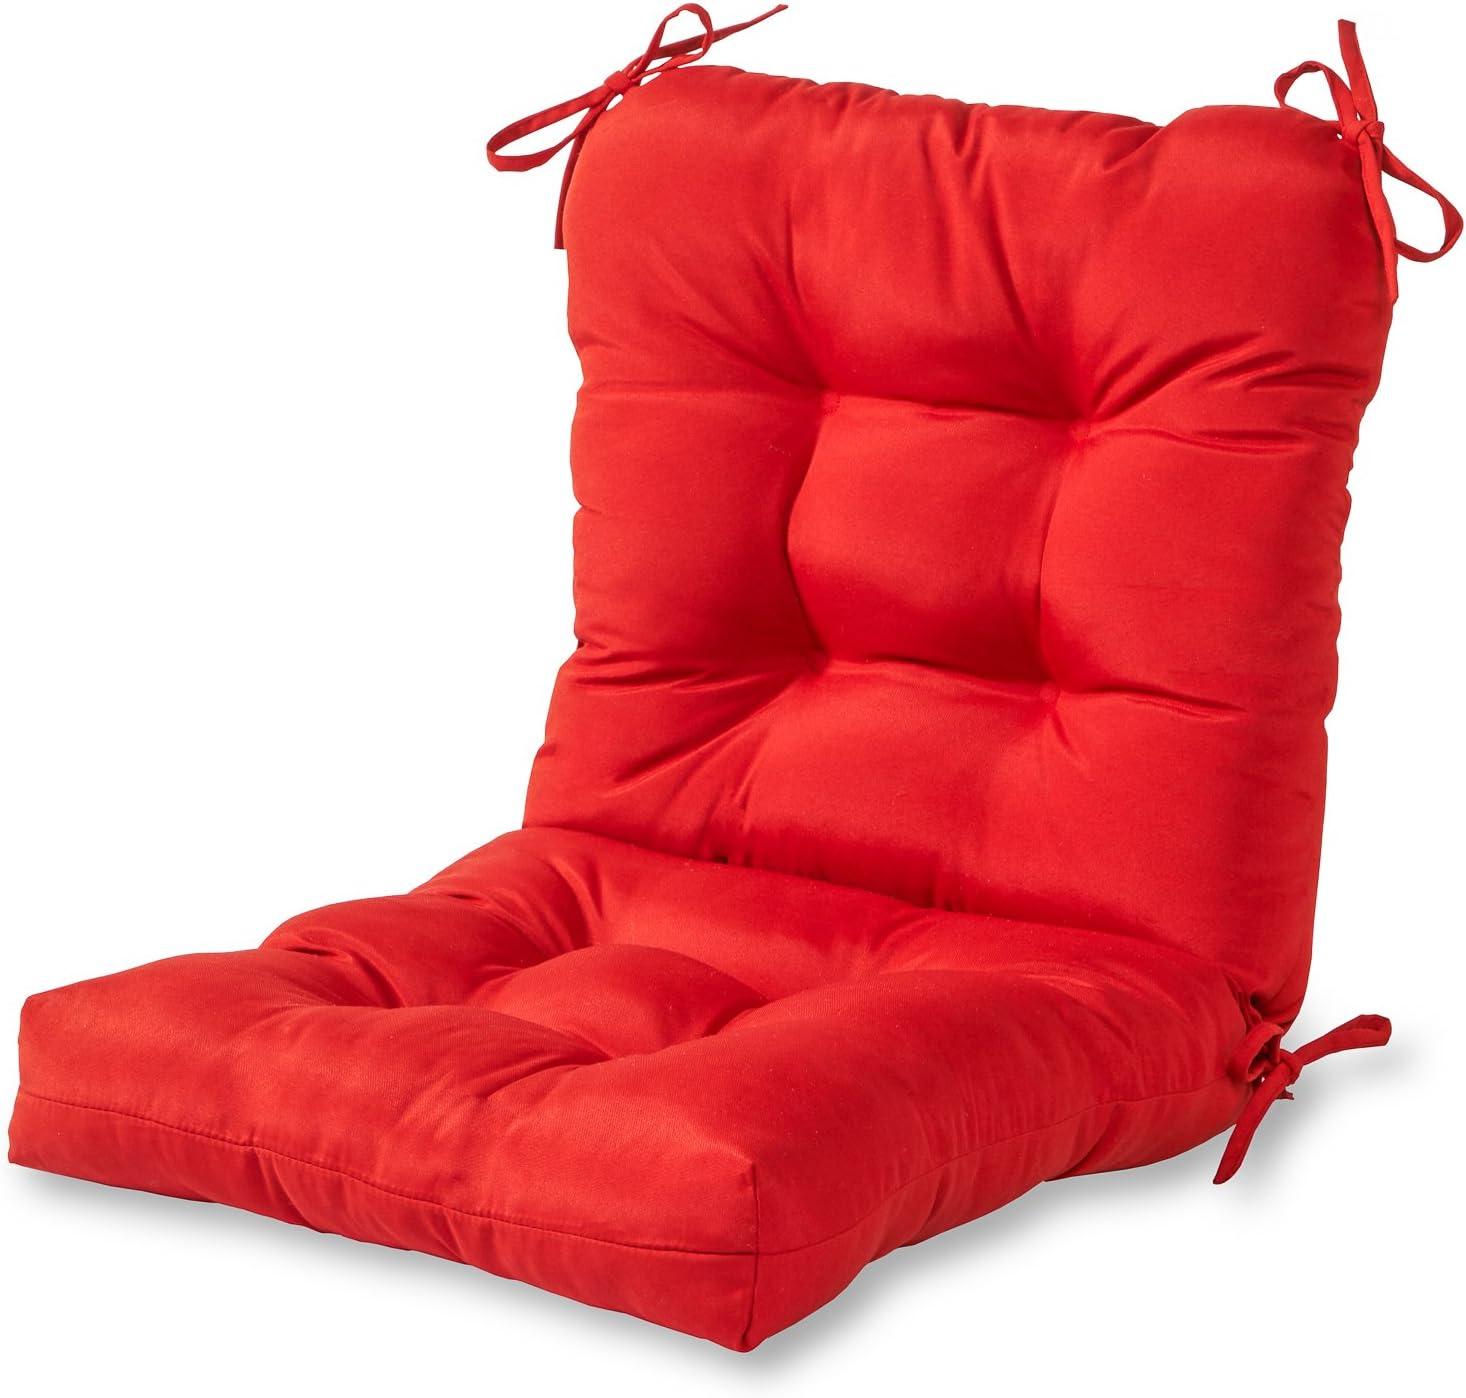 Greendale Home Fashions AZ5815-SALSA Fire 42'' x 21'' Outdoor Seat/Back Chair Cushion